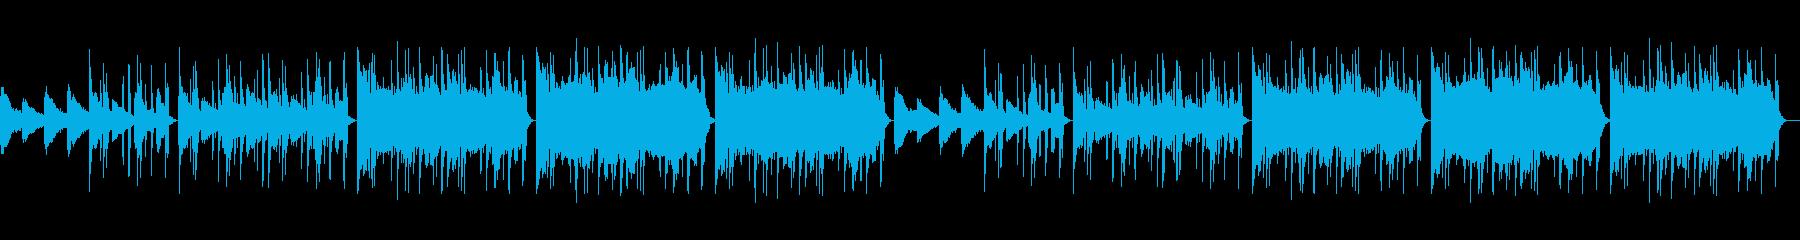 【チル】ゆったりとしたBGM・3の再生済みの波形